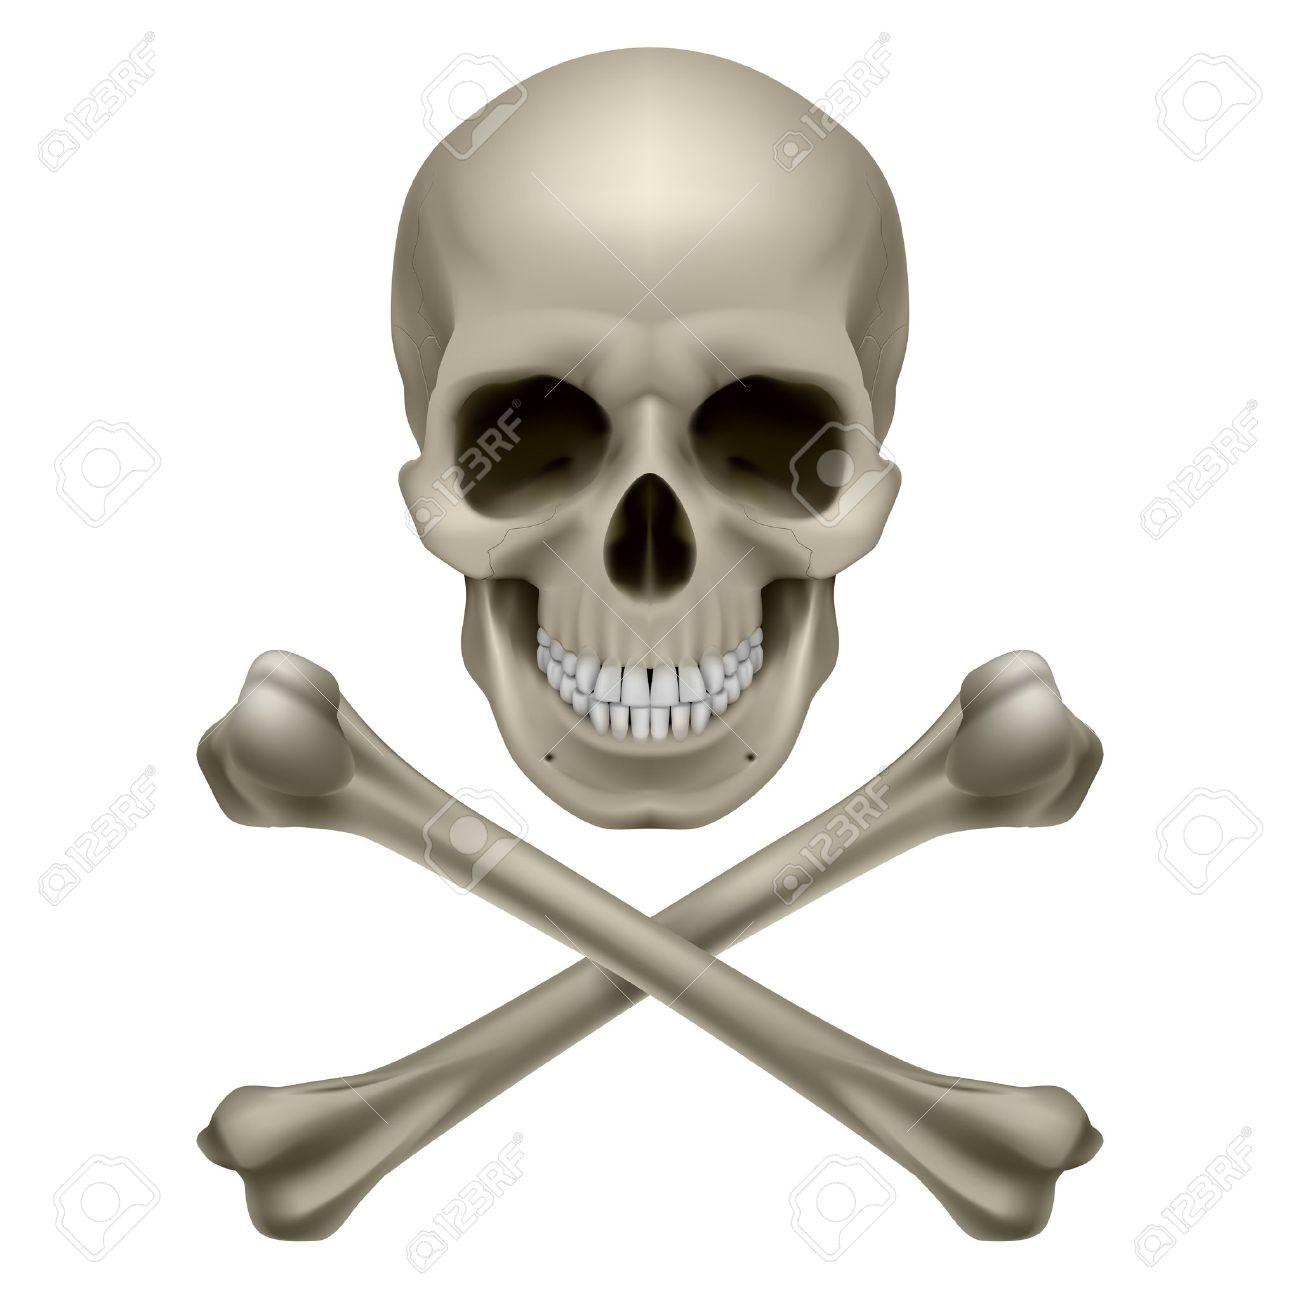 Skull and crossbones. Illustration on white background Stock Vector - 13571909